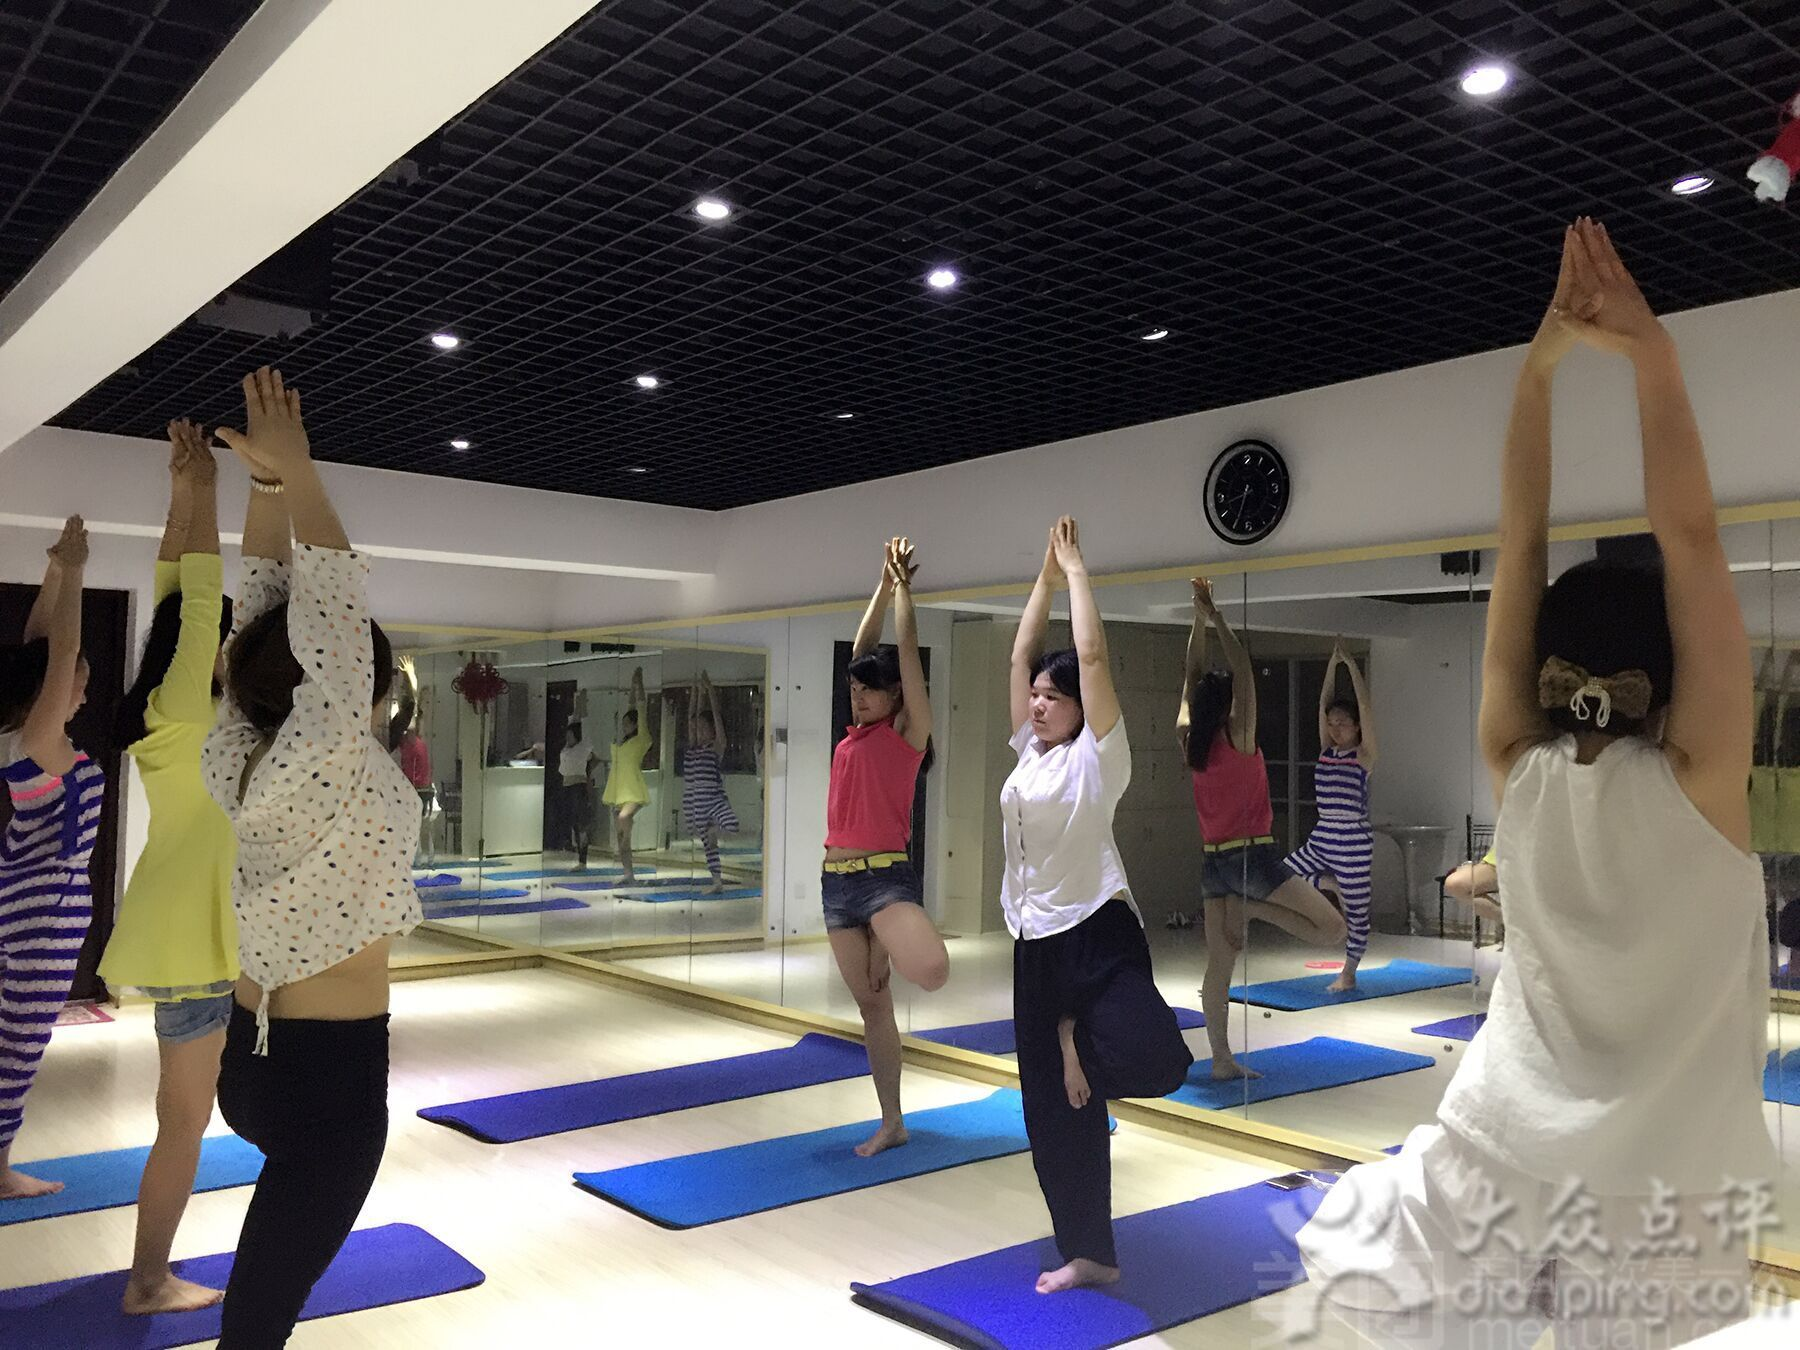 :长沙今日团购:【芭莎舞蹈工作室】单人瑜伽月卡限时特惠套餐